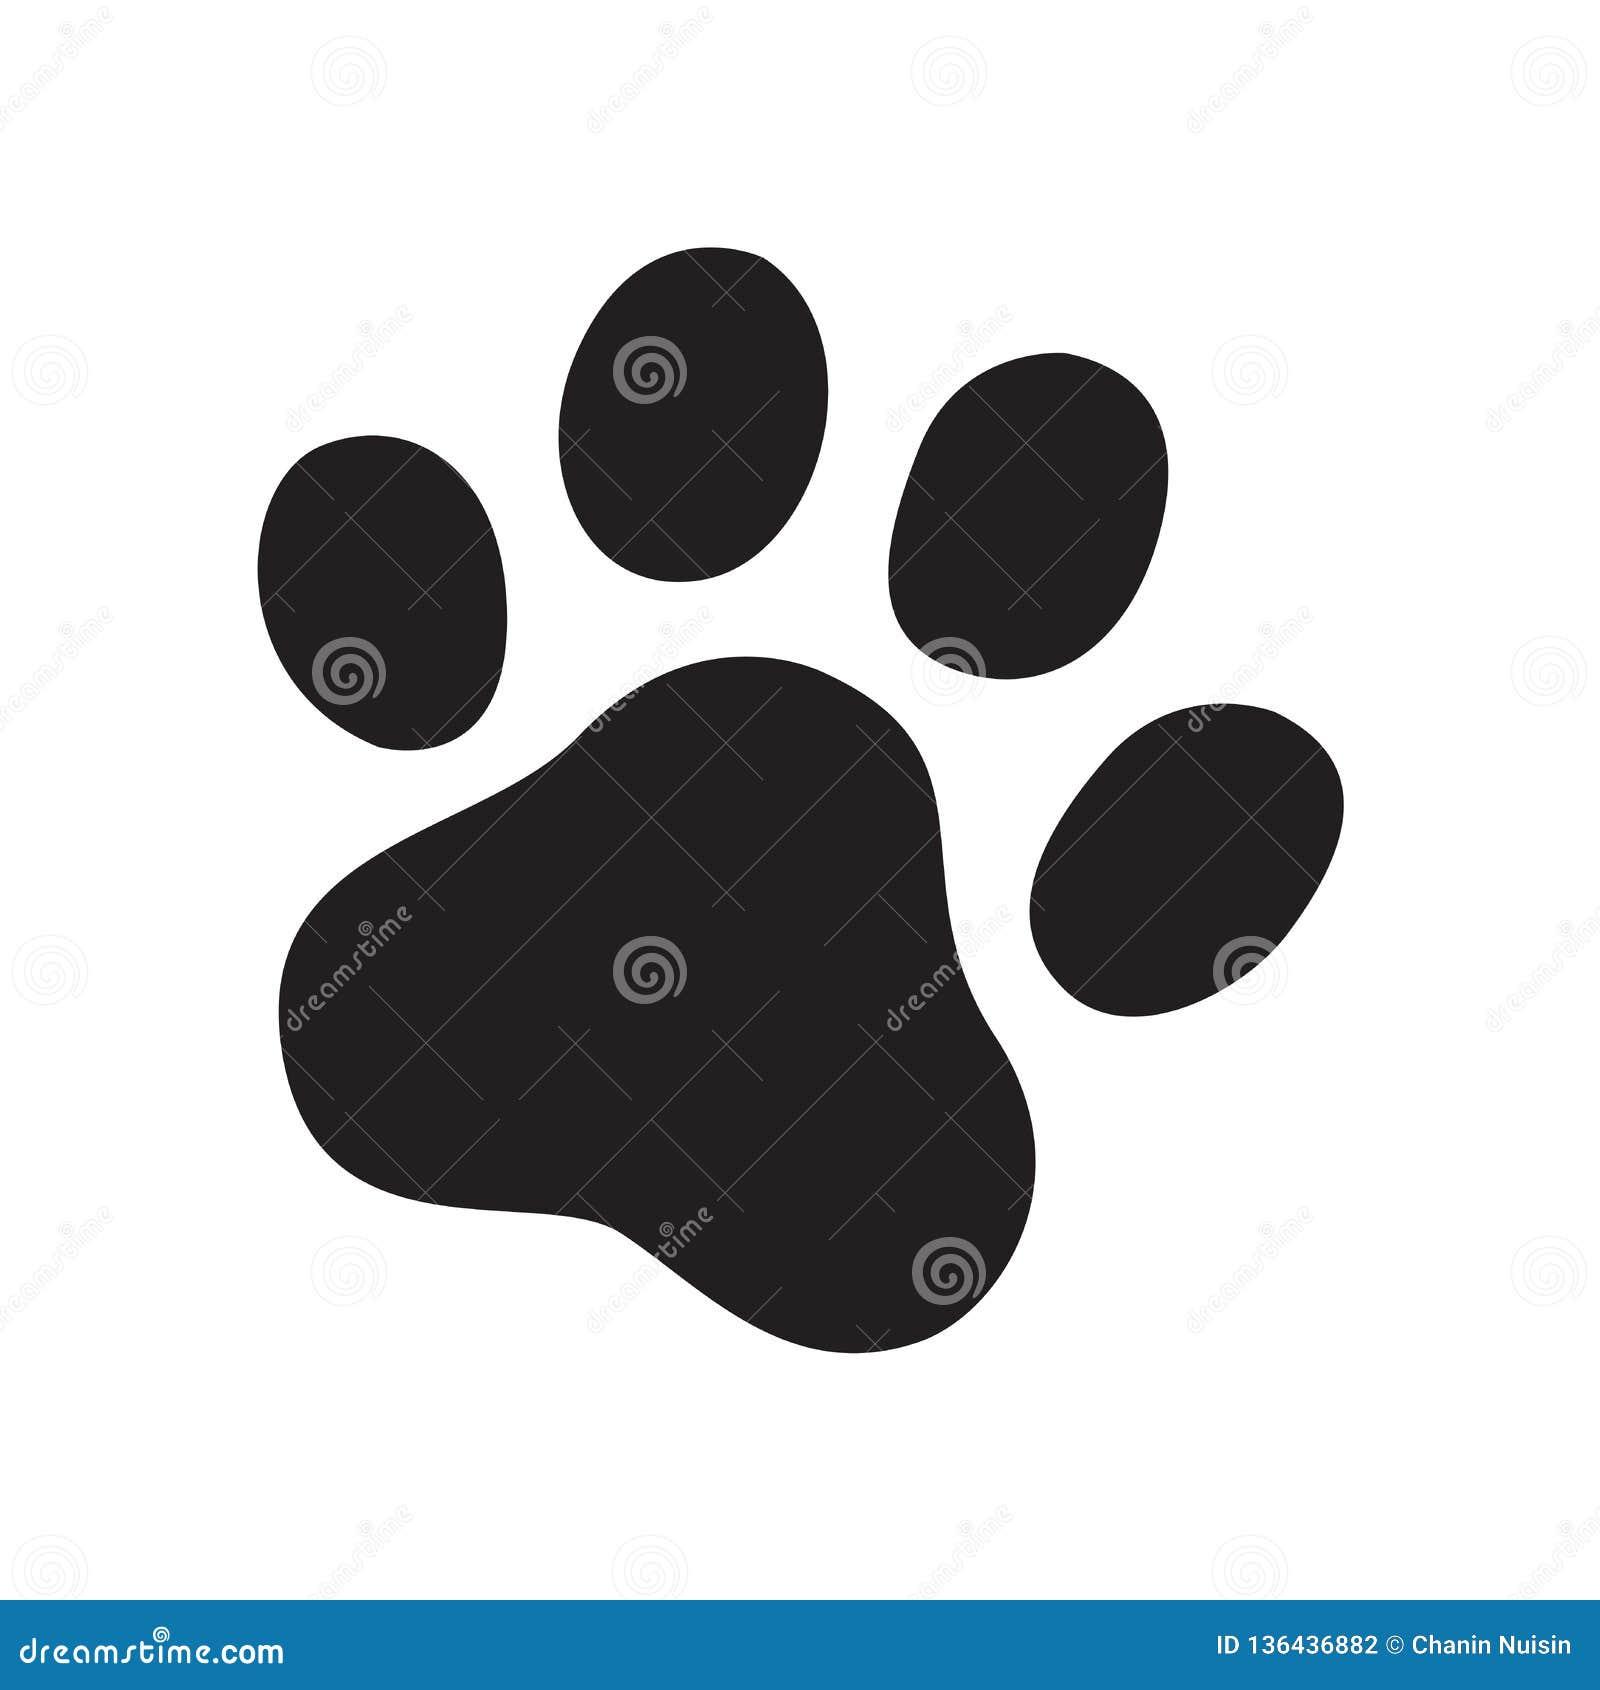 График doodle иллюстрации знака мультфильма символа французского бульдога кота логотипа значка следа ноги вектора лапки собаки